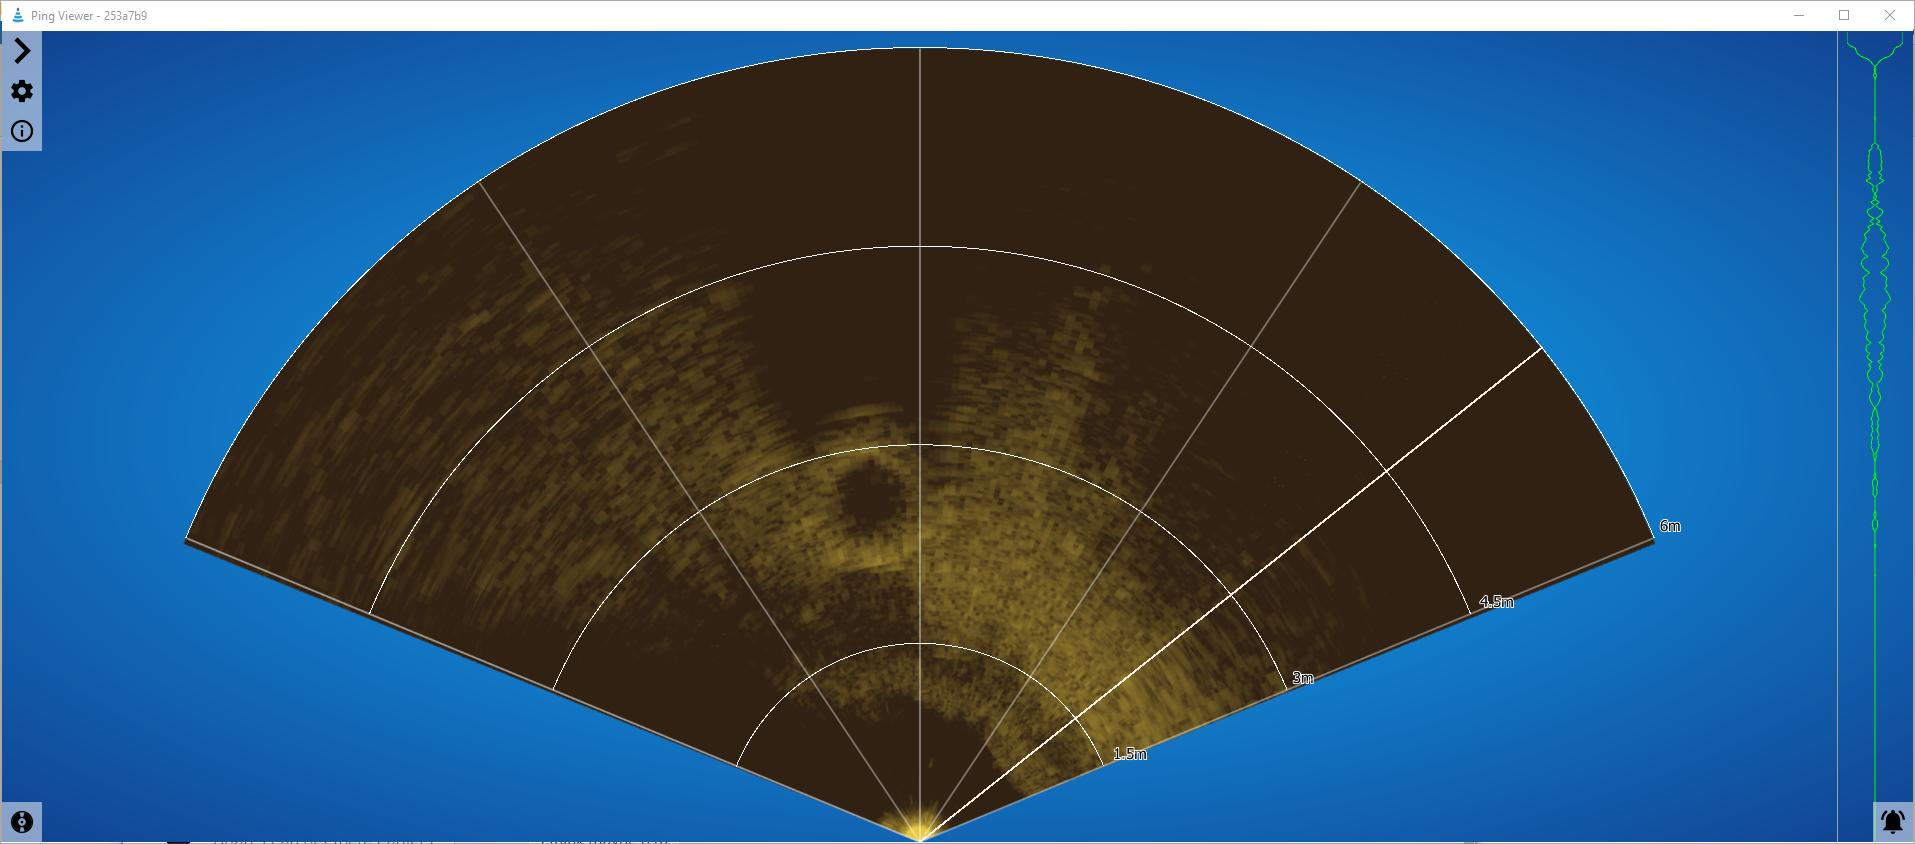 Image d'un pneu sur l'application PingViewer